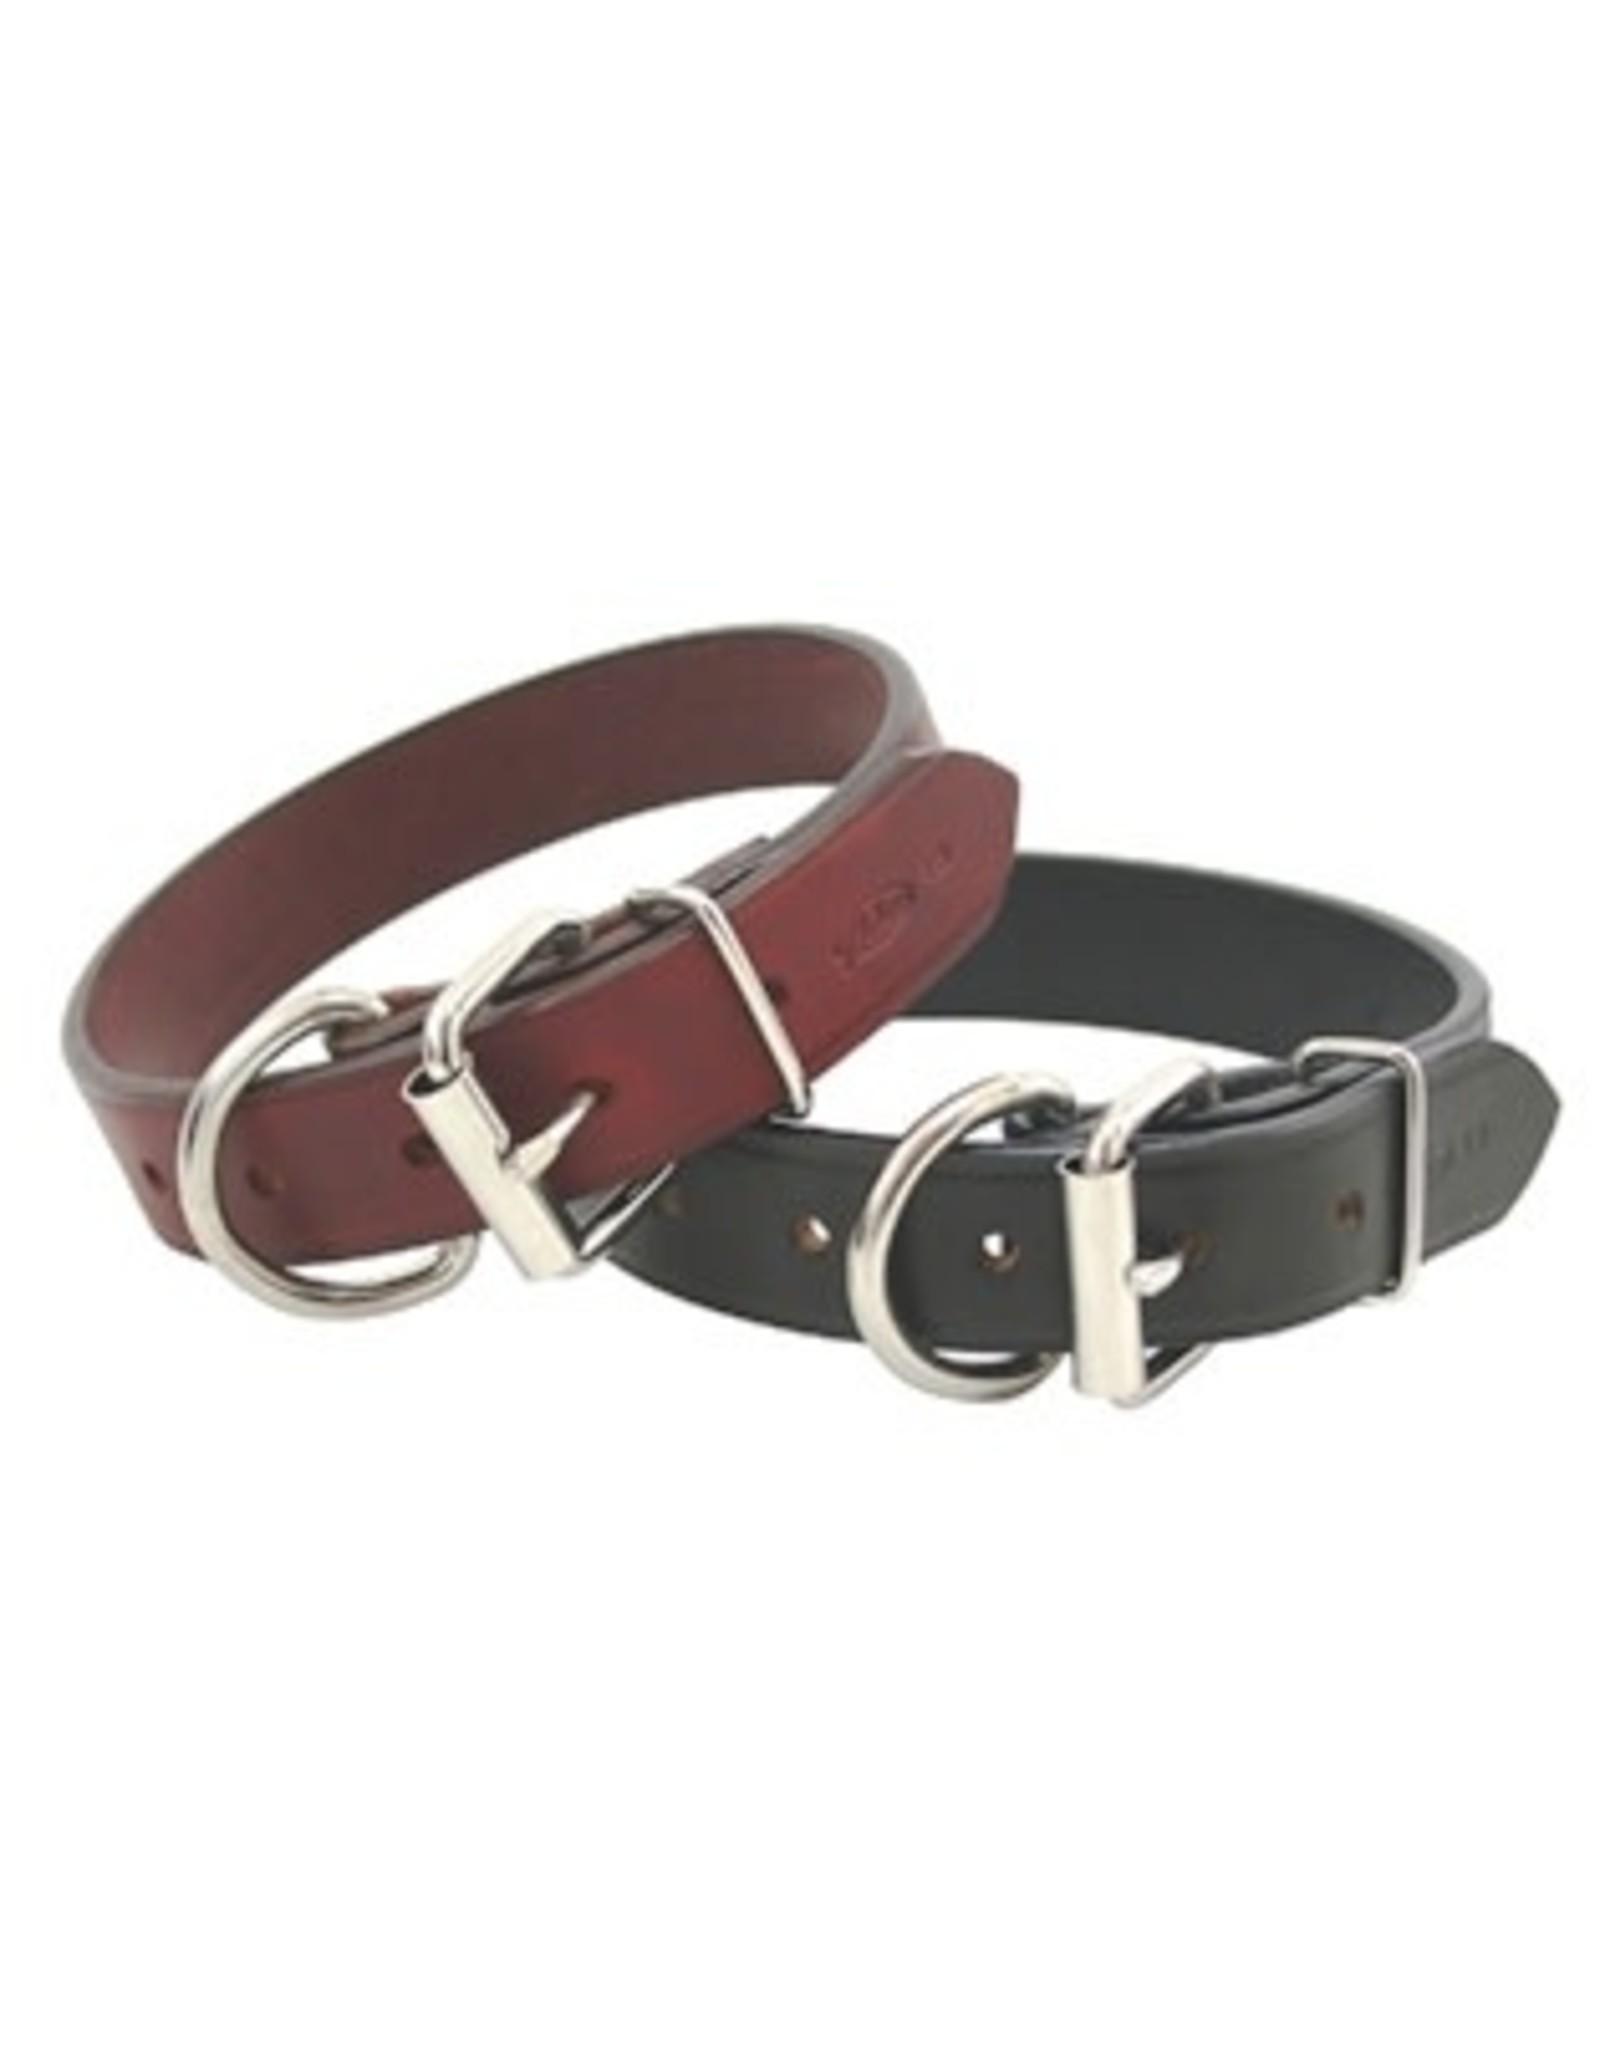 """Auburn Leathercrafters Tuff Stuff Collars: Black, 1-1/4"""" x 20"""""""